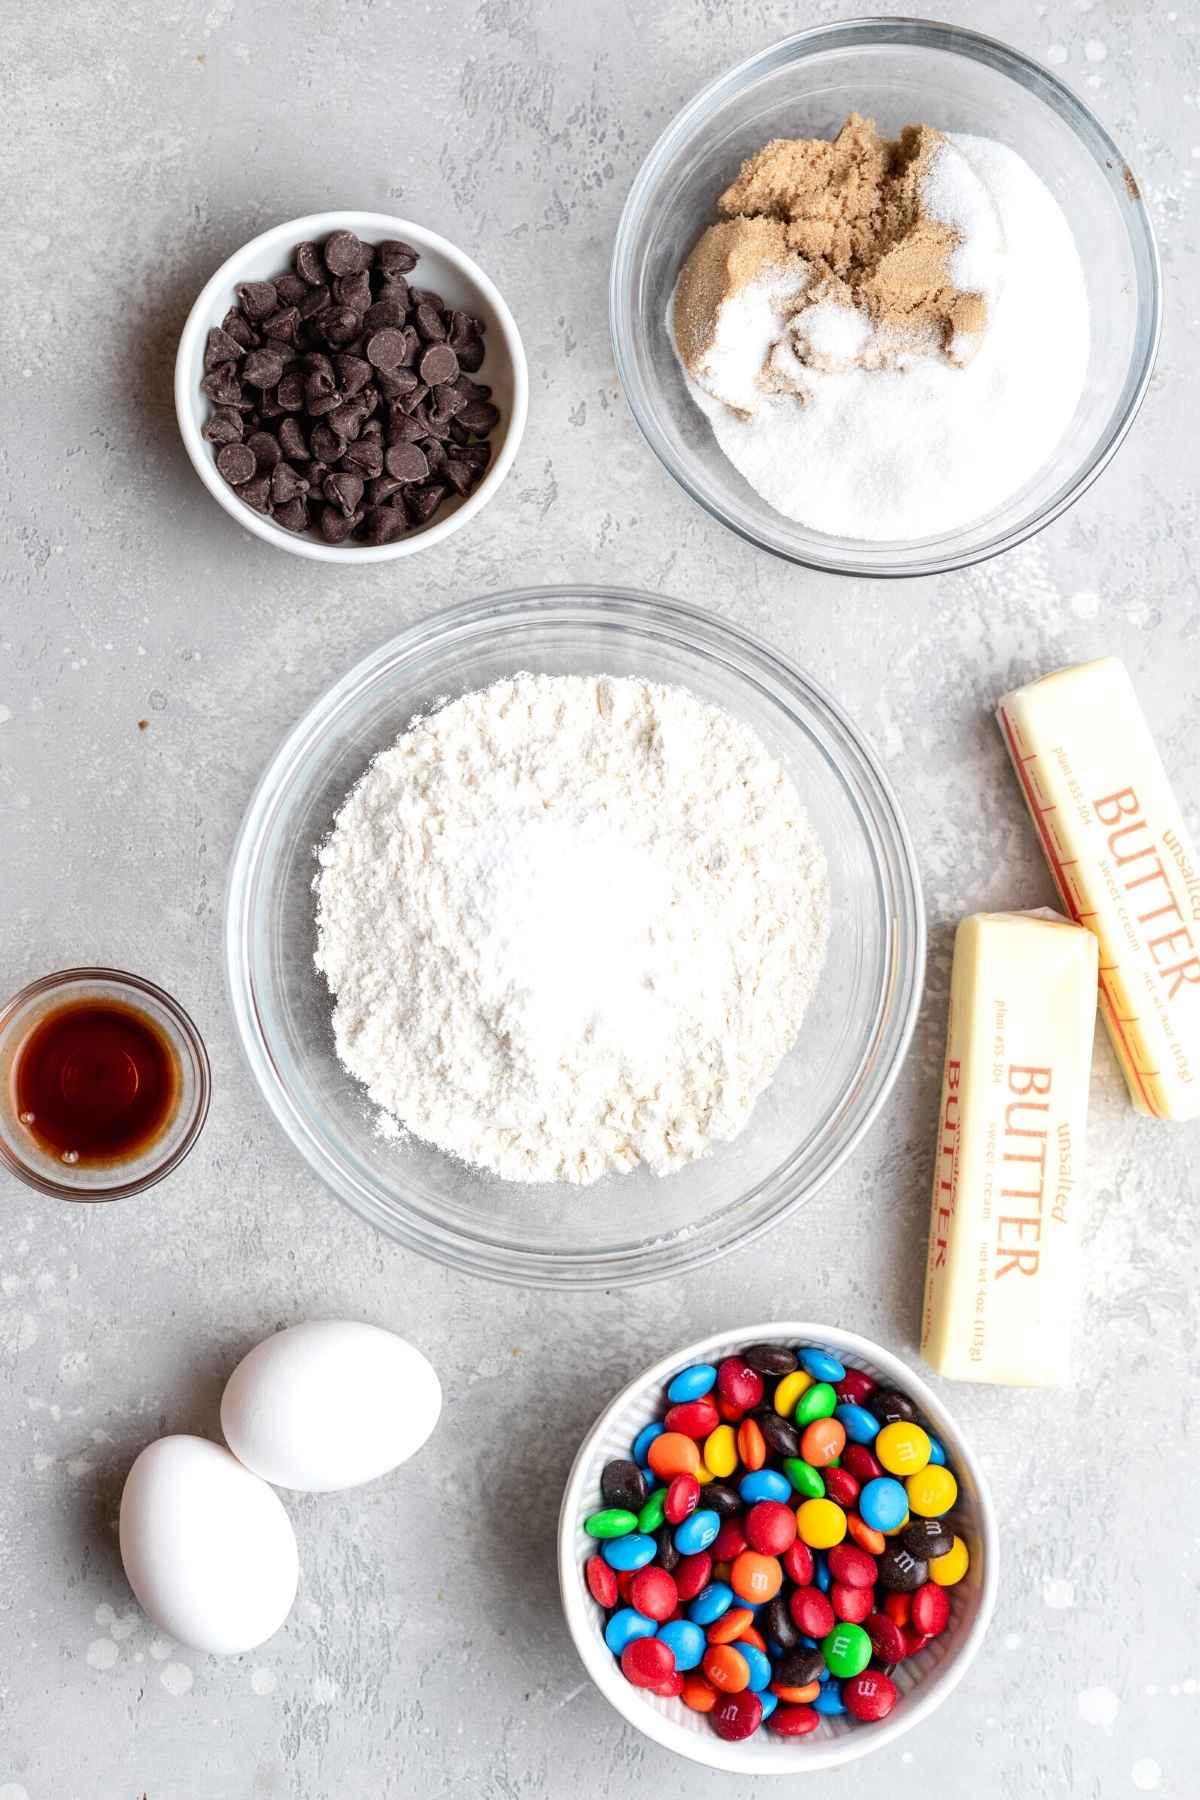 M&M Cookies ingredients in mixing bowls